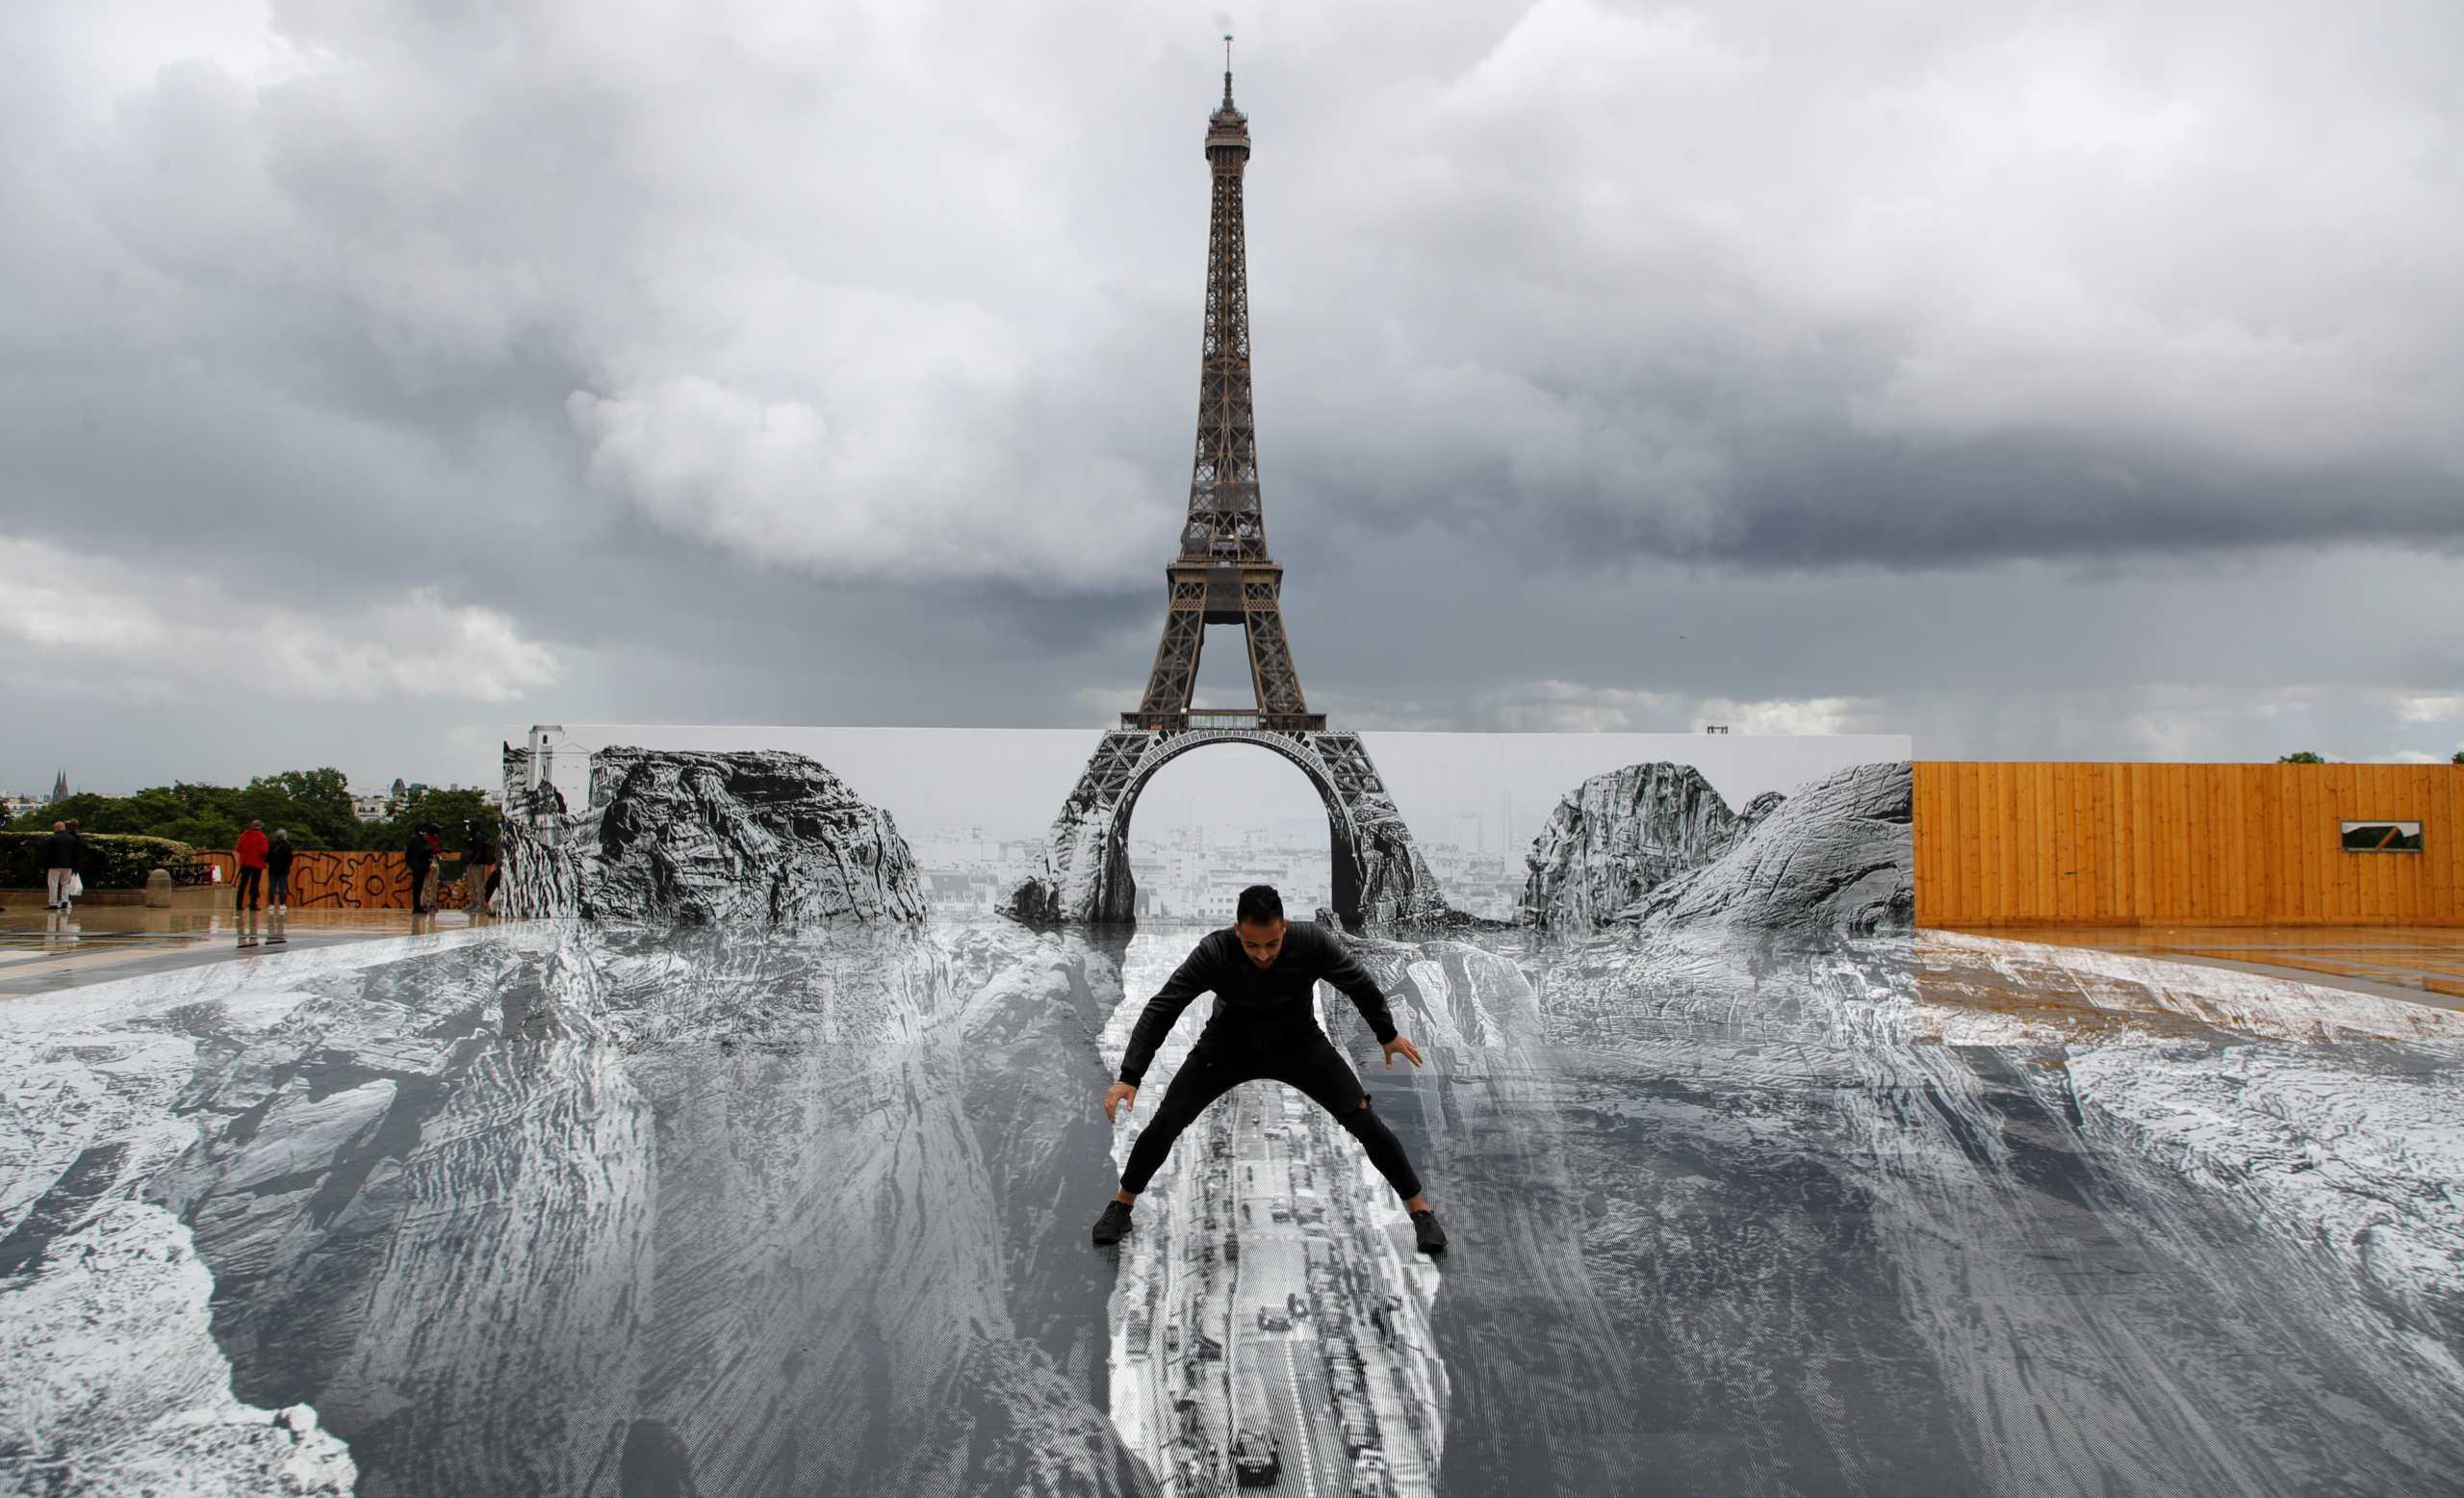 Ο Πύργος του Άιφελ πάνω σε φαράγγι – Η απόλυτη οπτική ψευδαίσθηση (pics)